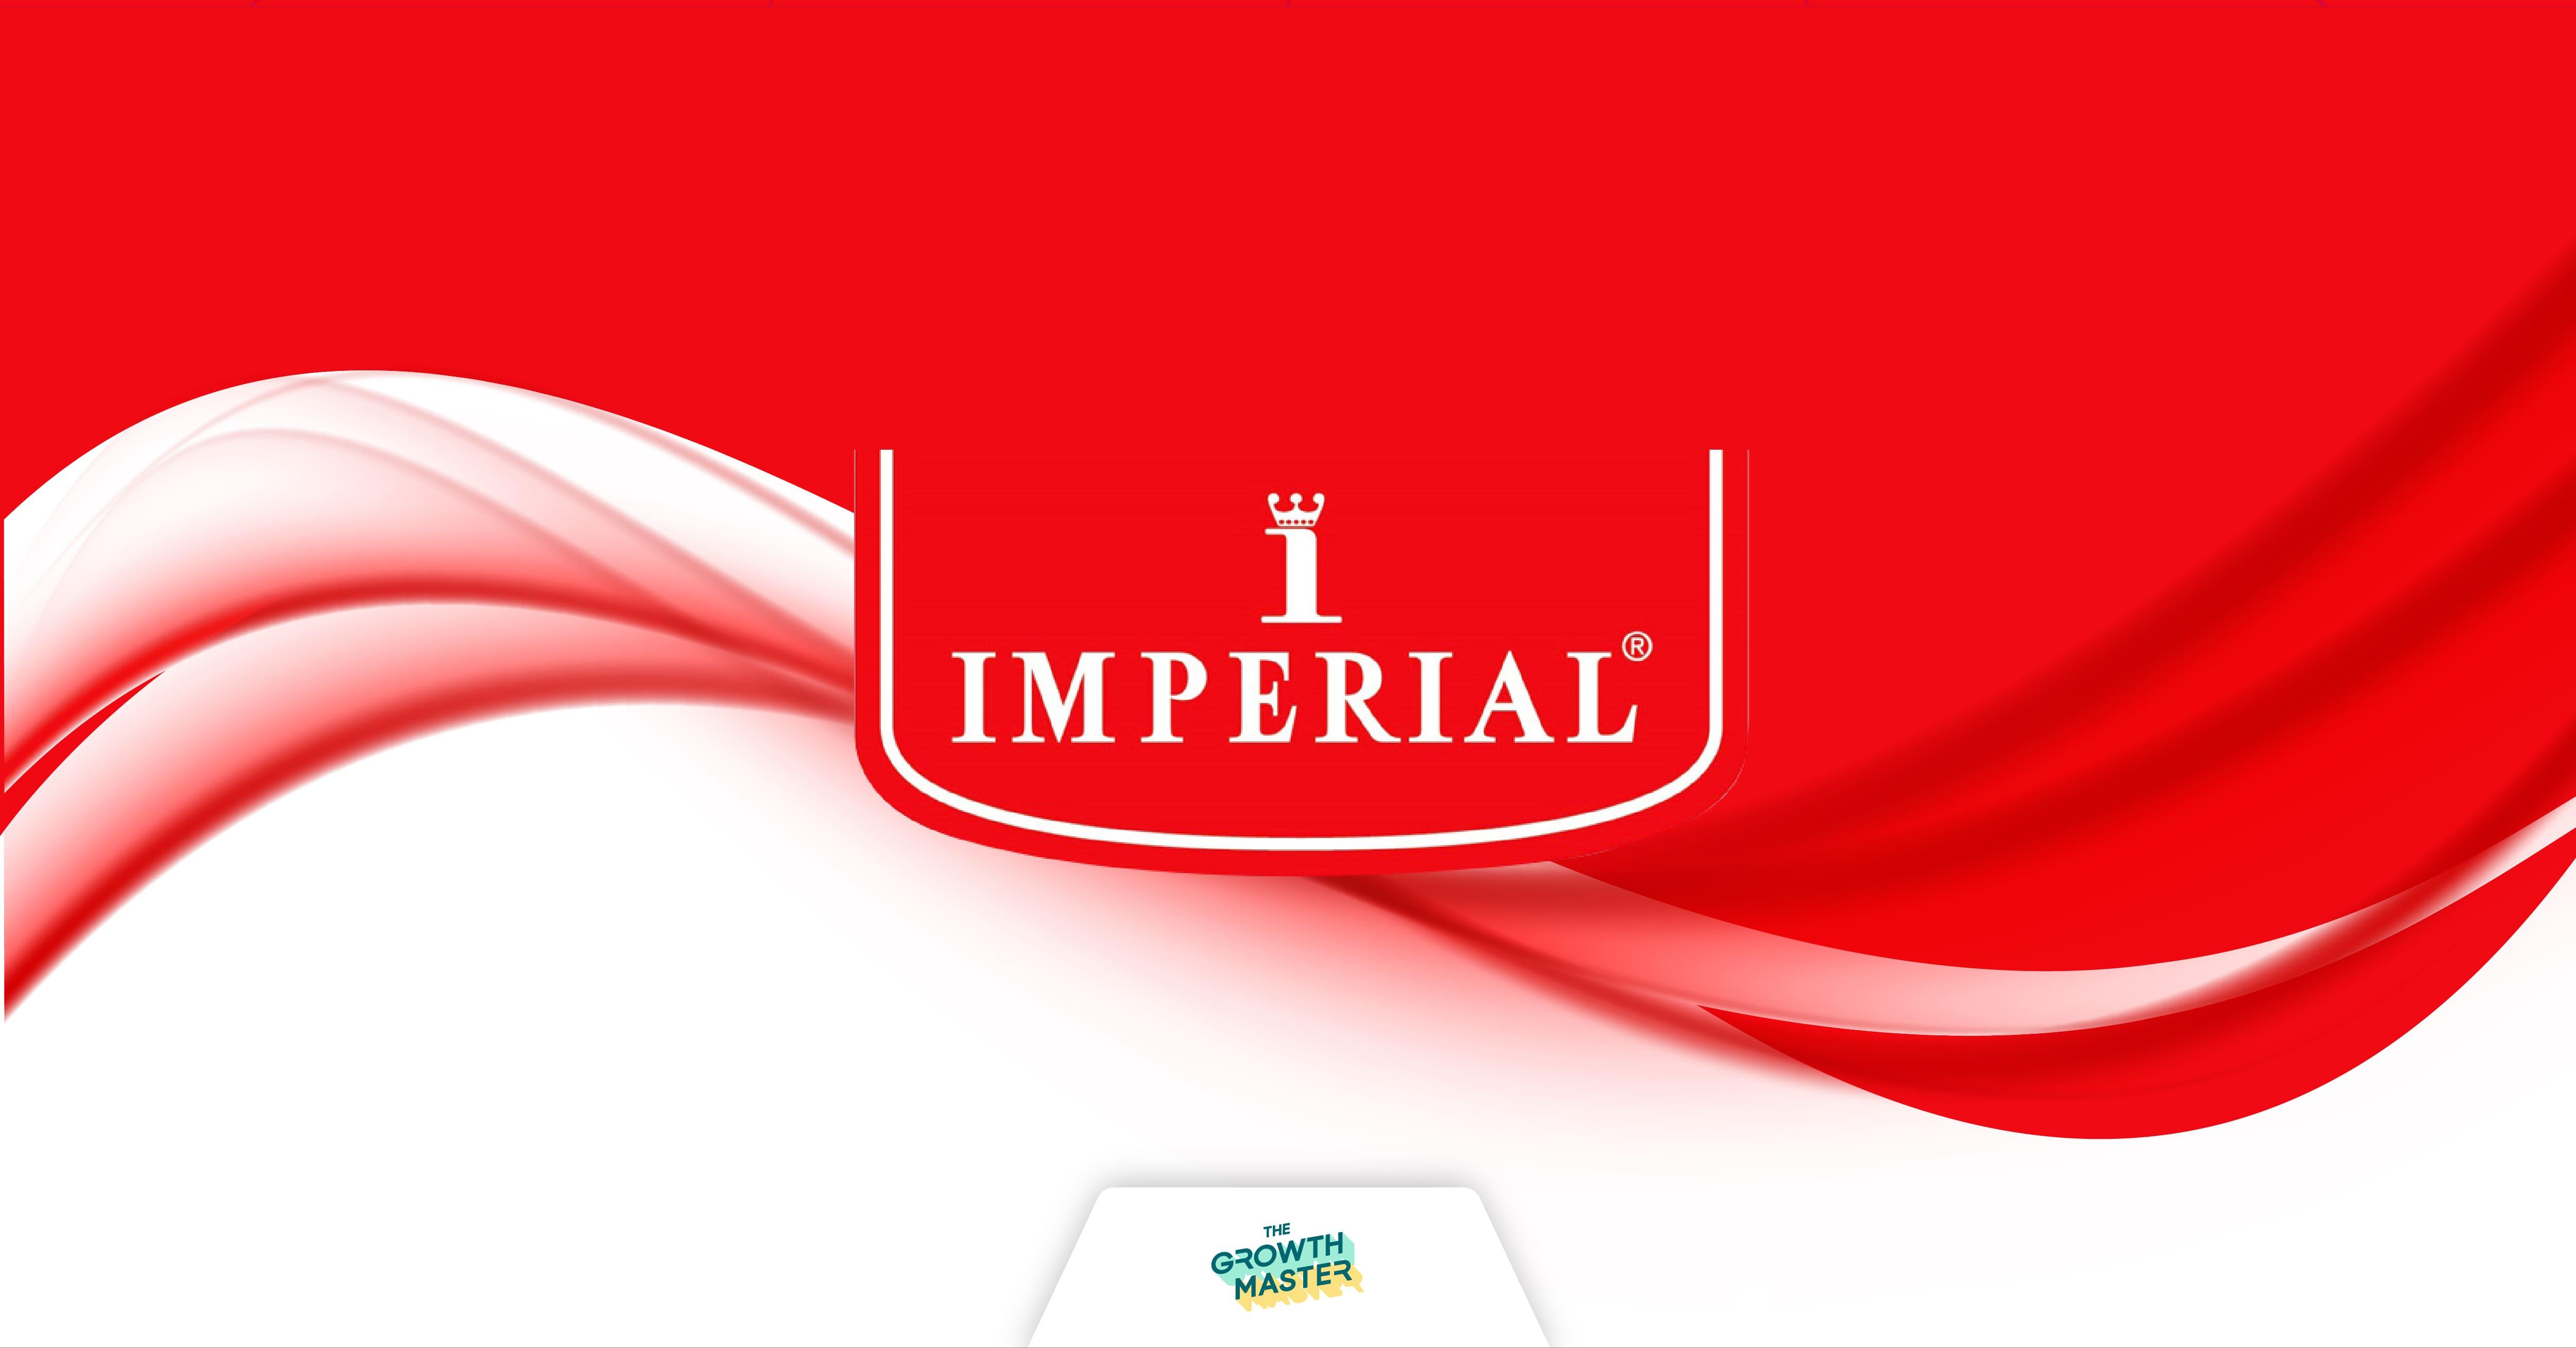 CASE STUDY : เปิดตำนานกลยุทธ์ Imperial แบรนด์คุกกี้กล่องแดงที่ทุกคนคุ้นหน้าคุ้นตาในช่วงเทศกาลแห่งความสุข